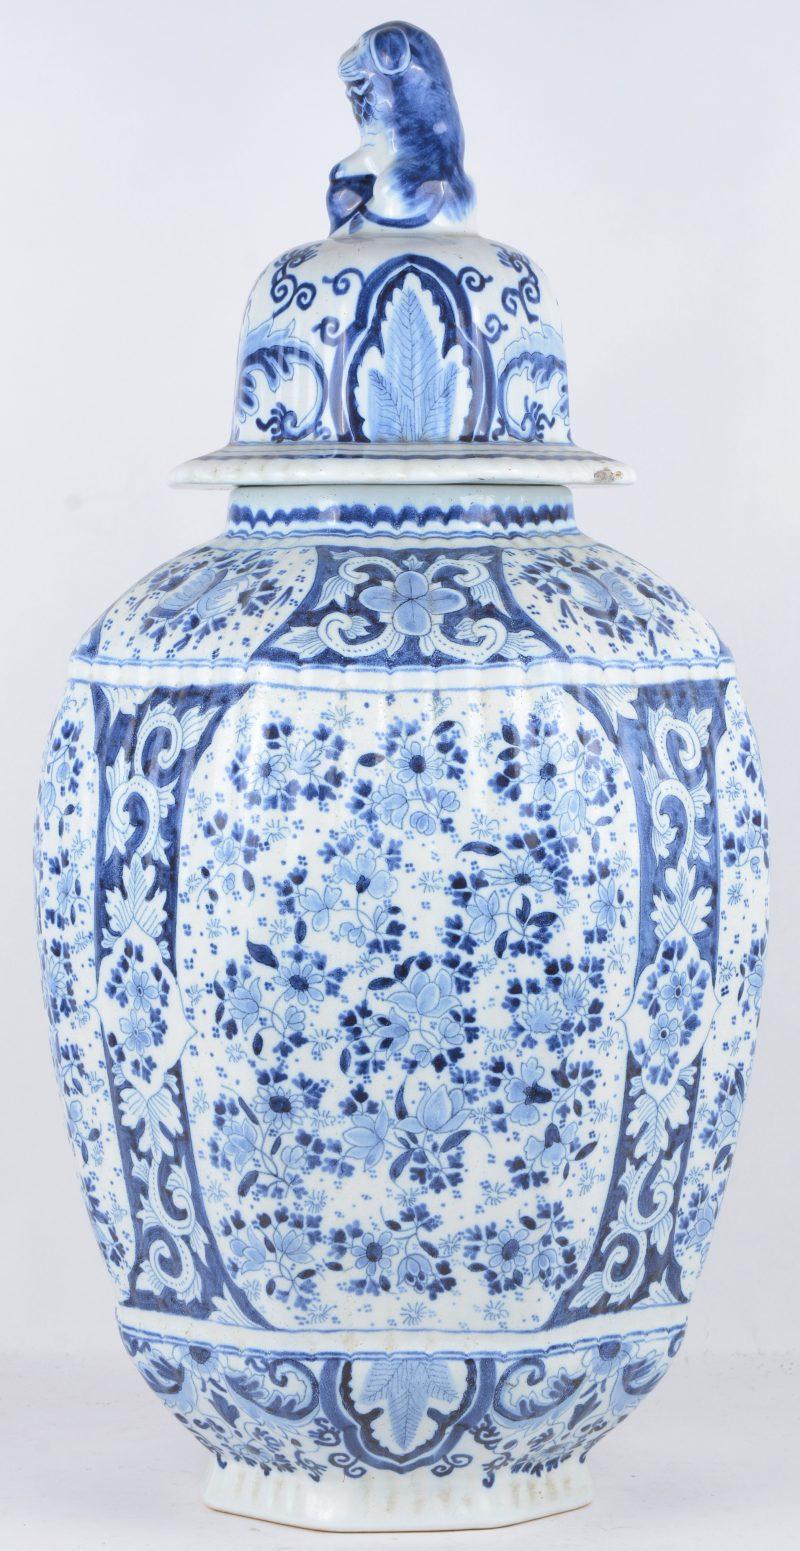 Een achthoekige dekselvaas van blauw en wit Delfts aardewerk, het deksel getooid met een zittende tempelleeuw.